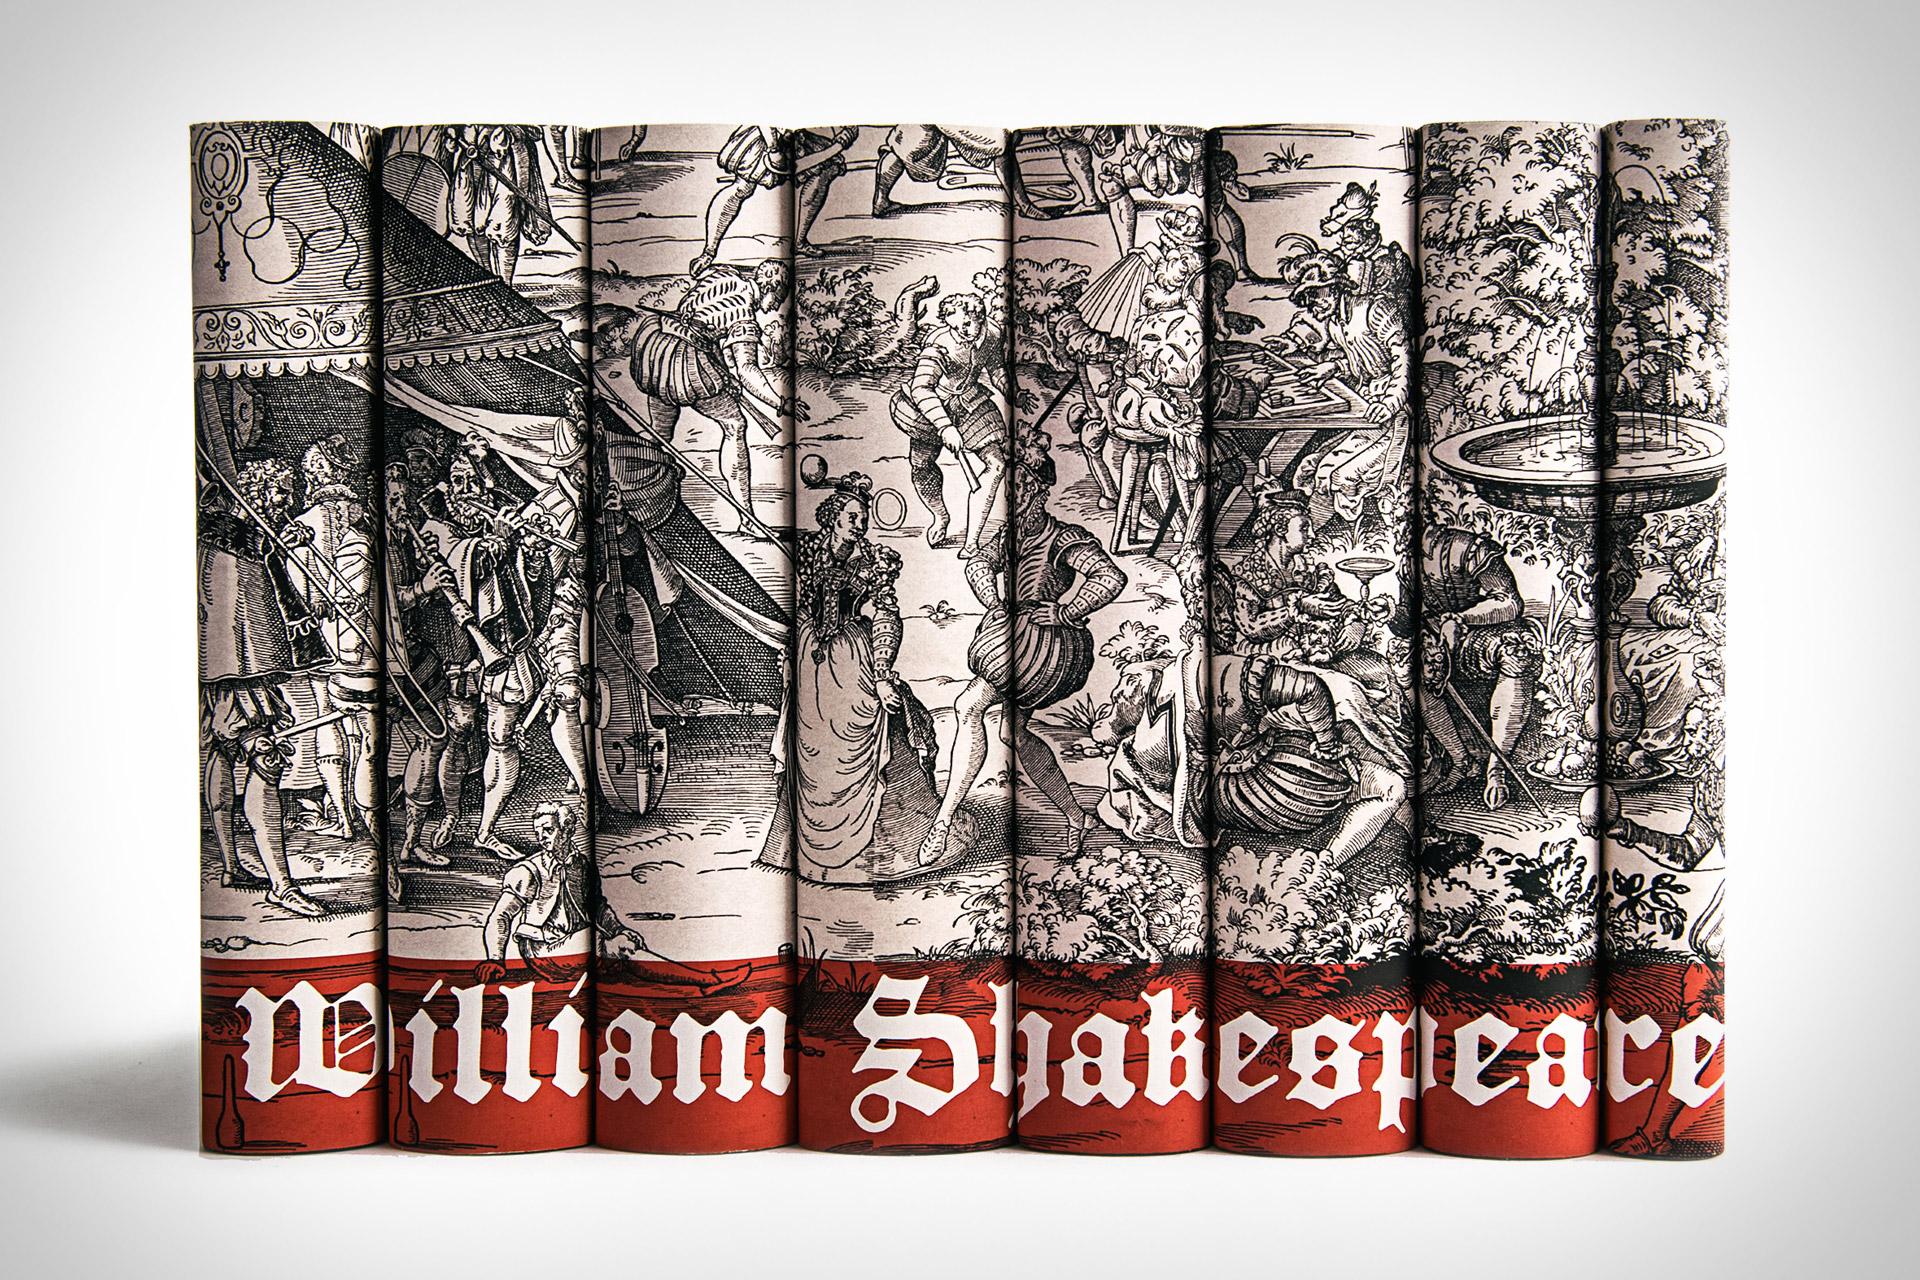 William Shakespeare Book Set